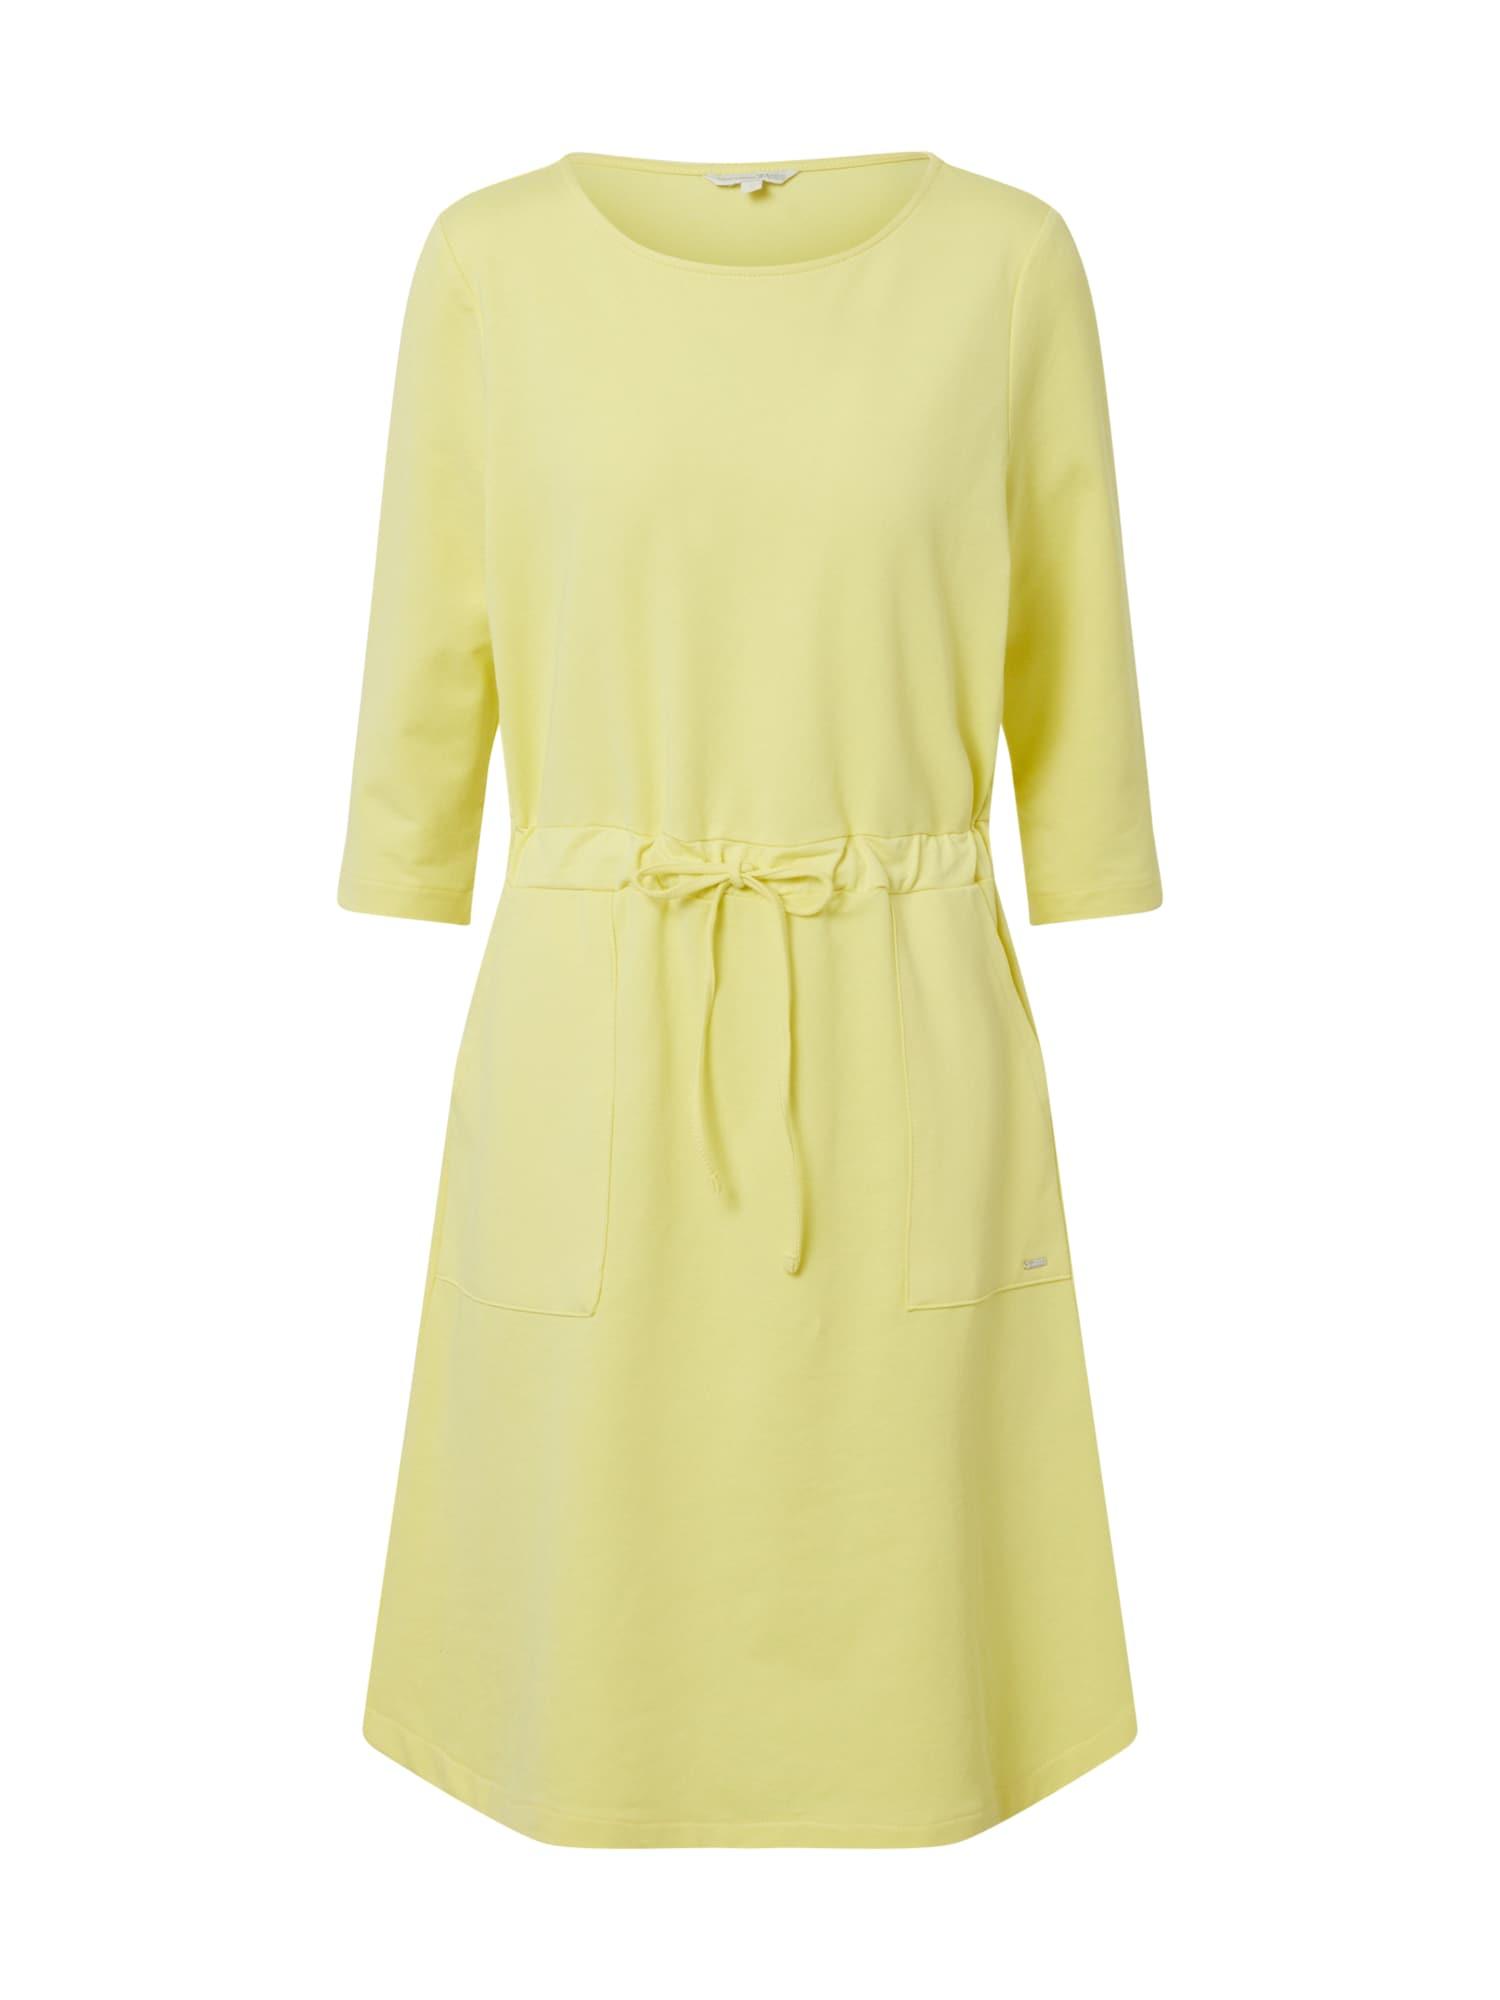 TOM TAILOR DENIM Suknelė geltona